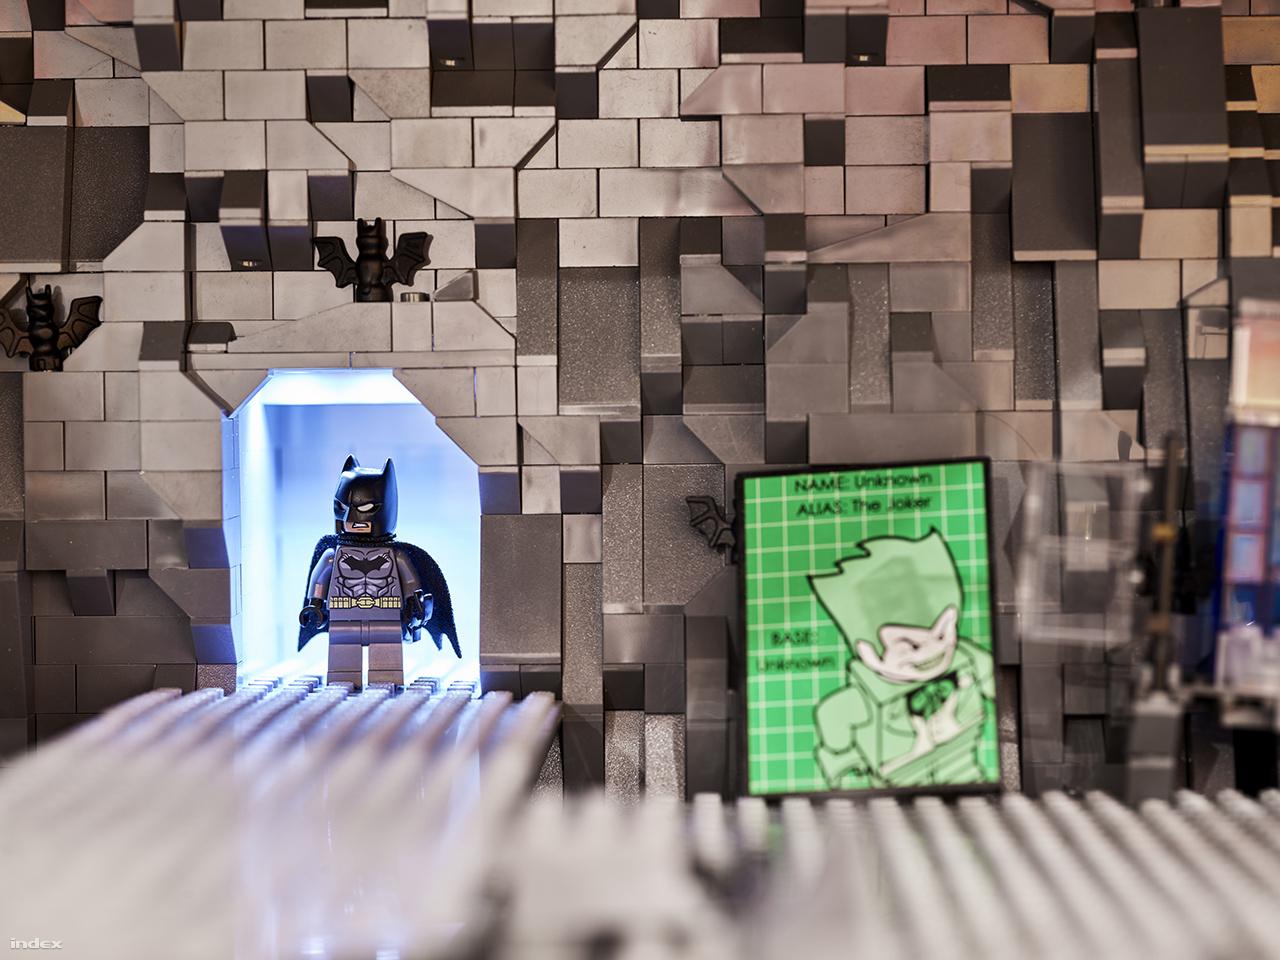 Úgy gondoltuk, külön fotót érdemel a denevérbarlang sarkában feltűnő morcos Batman.